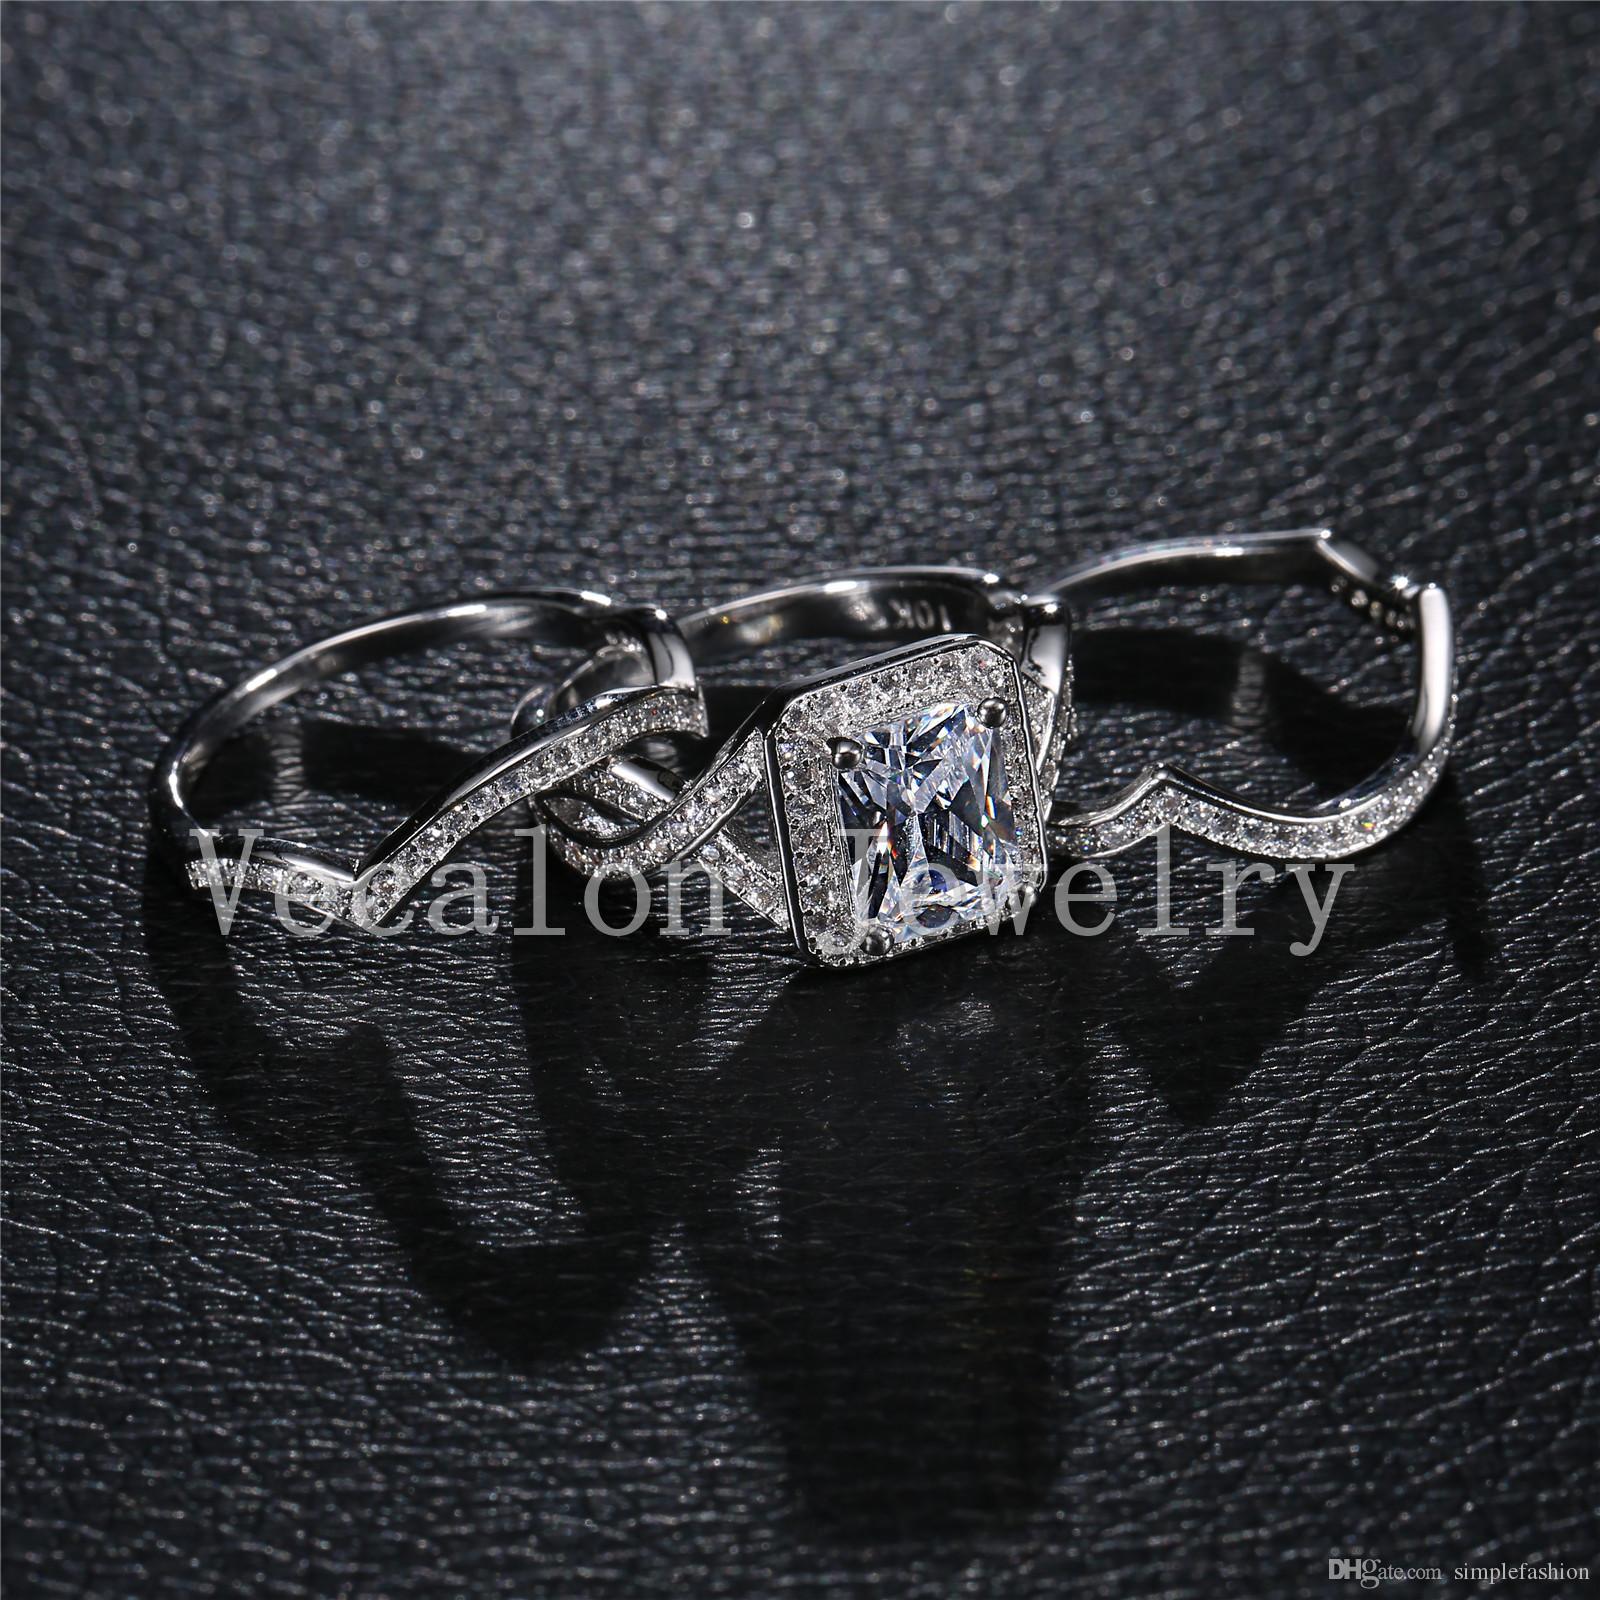 Vecalon Princess cut 4ct diamante simulato cz 3-in-1 Fidanzamento Fede nuziale Anello Set le donne 10KT Anello bianco oro Riempito